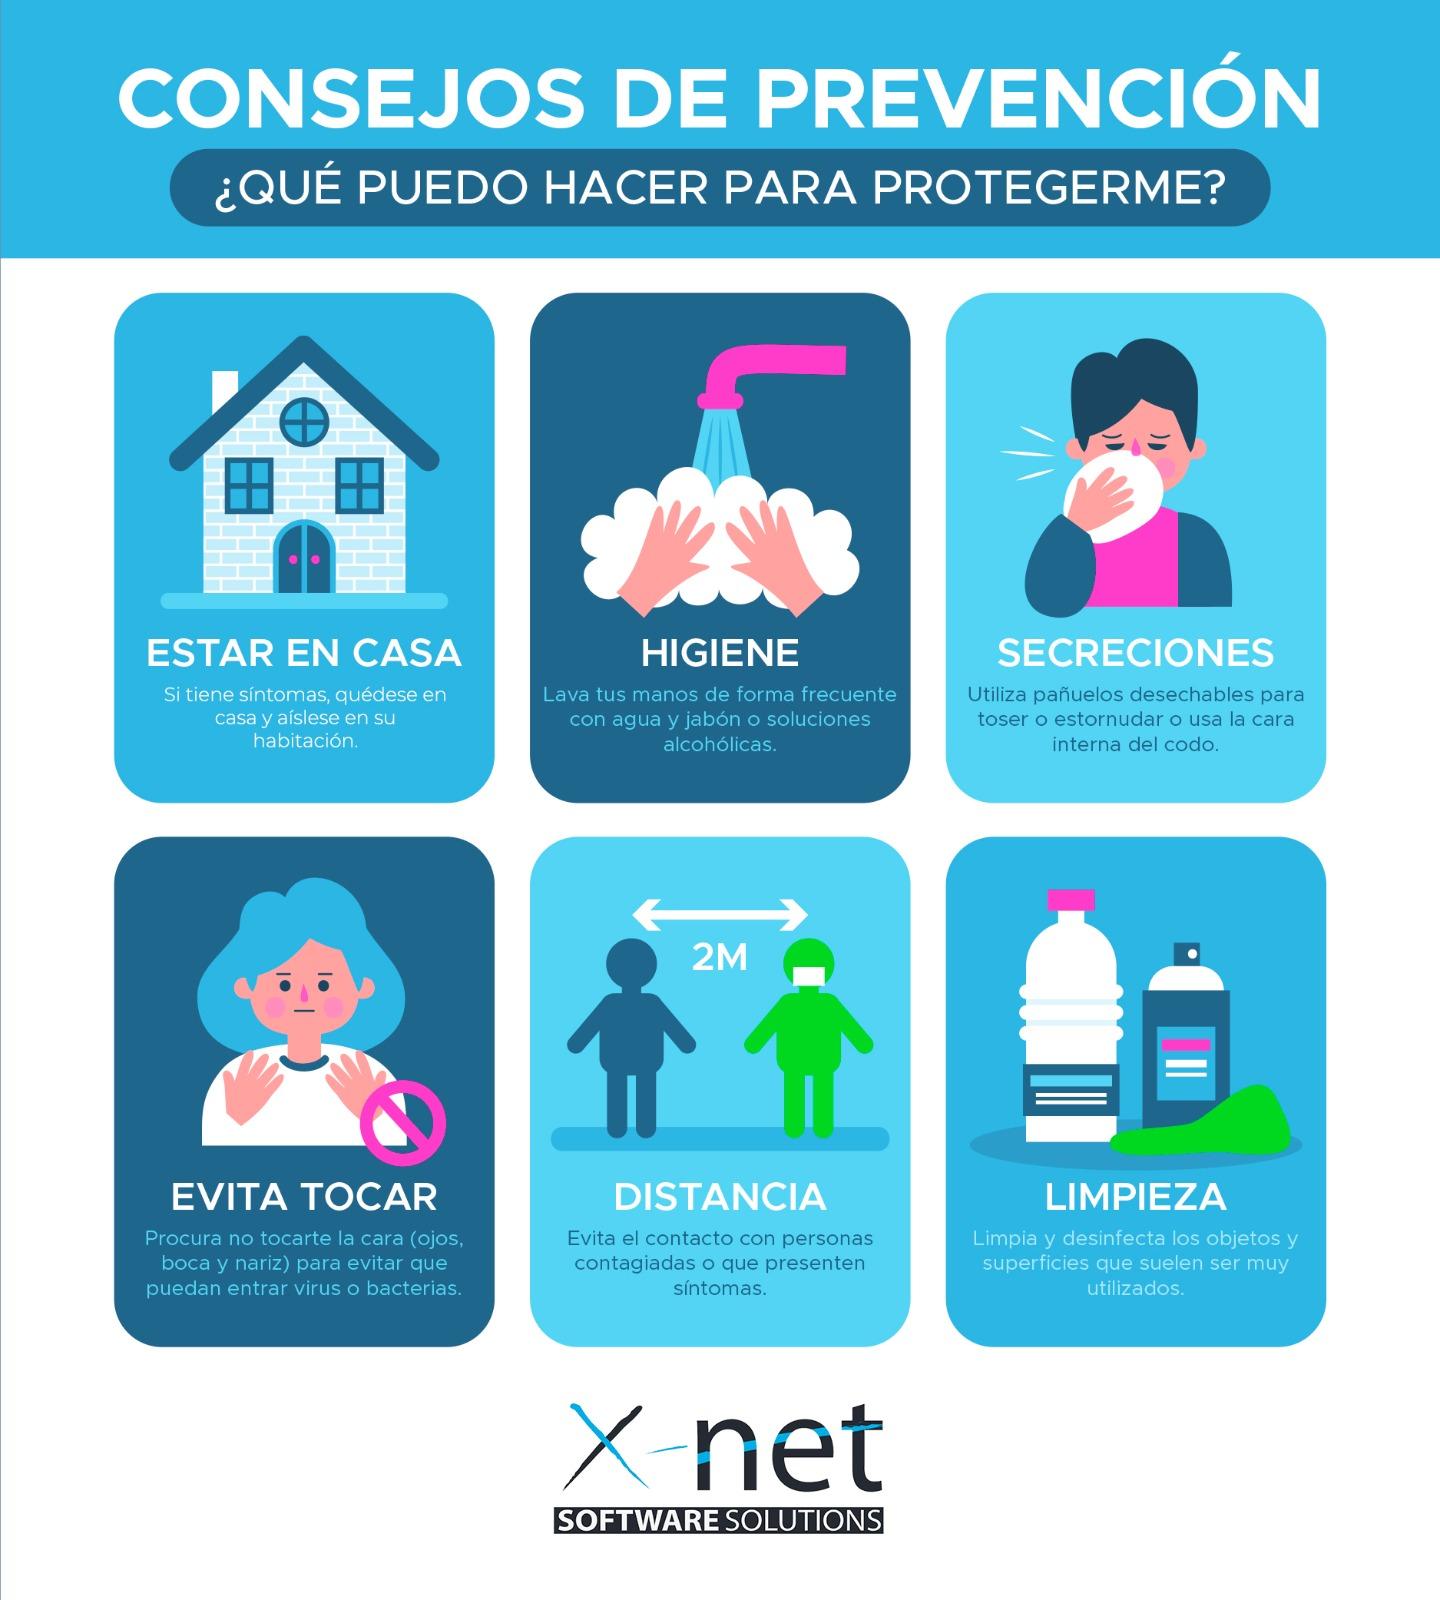 consejos de prevencion - LOS HOTELES TRAS EL CORONAVIRUS